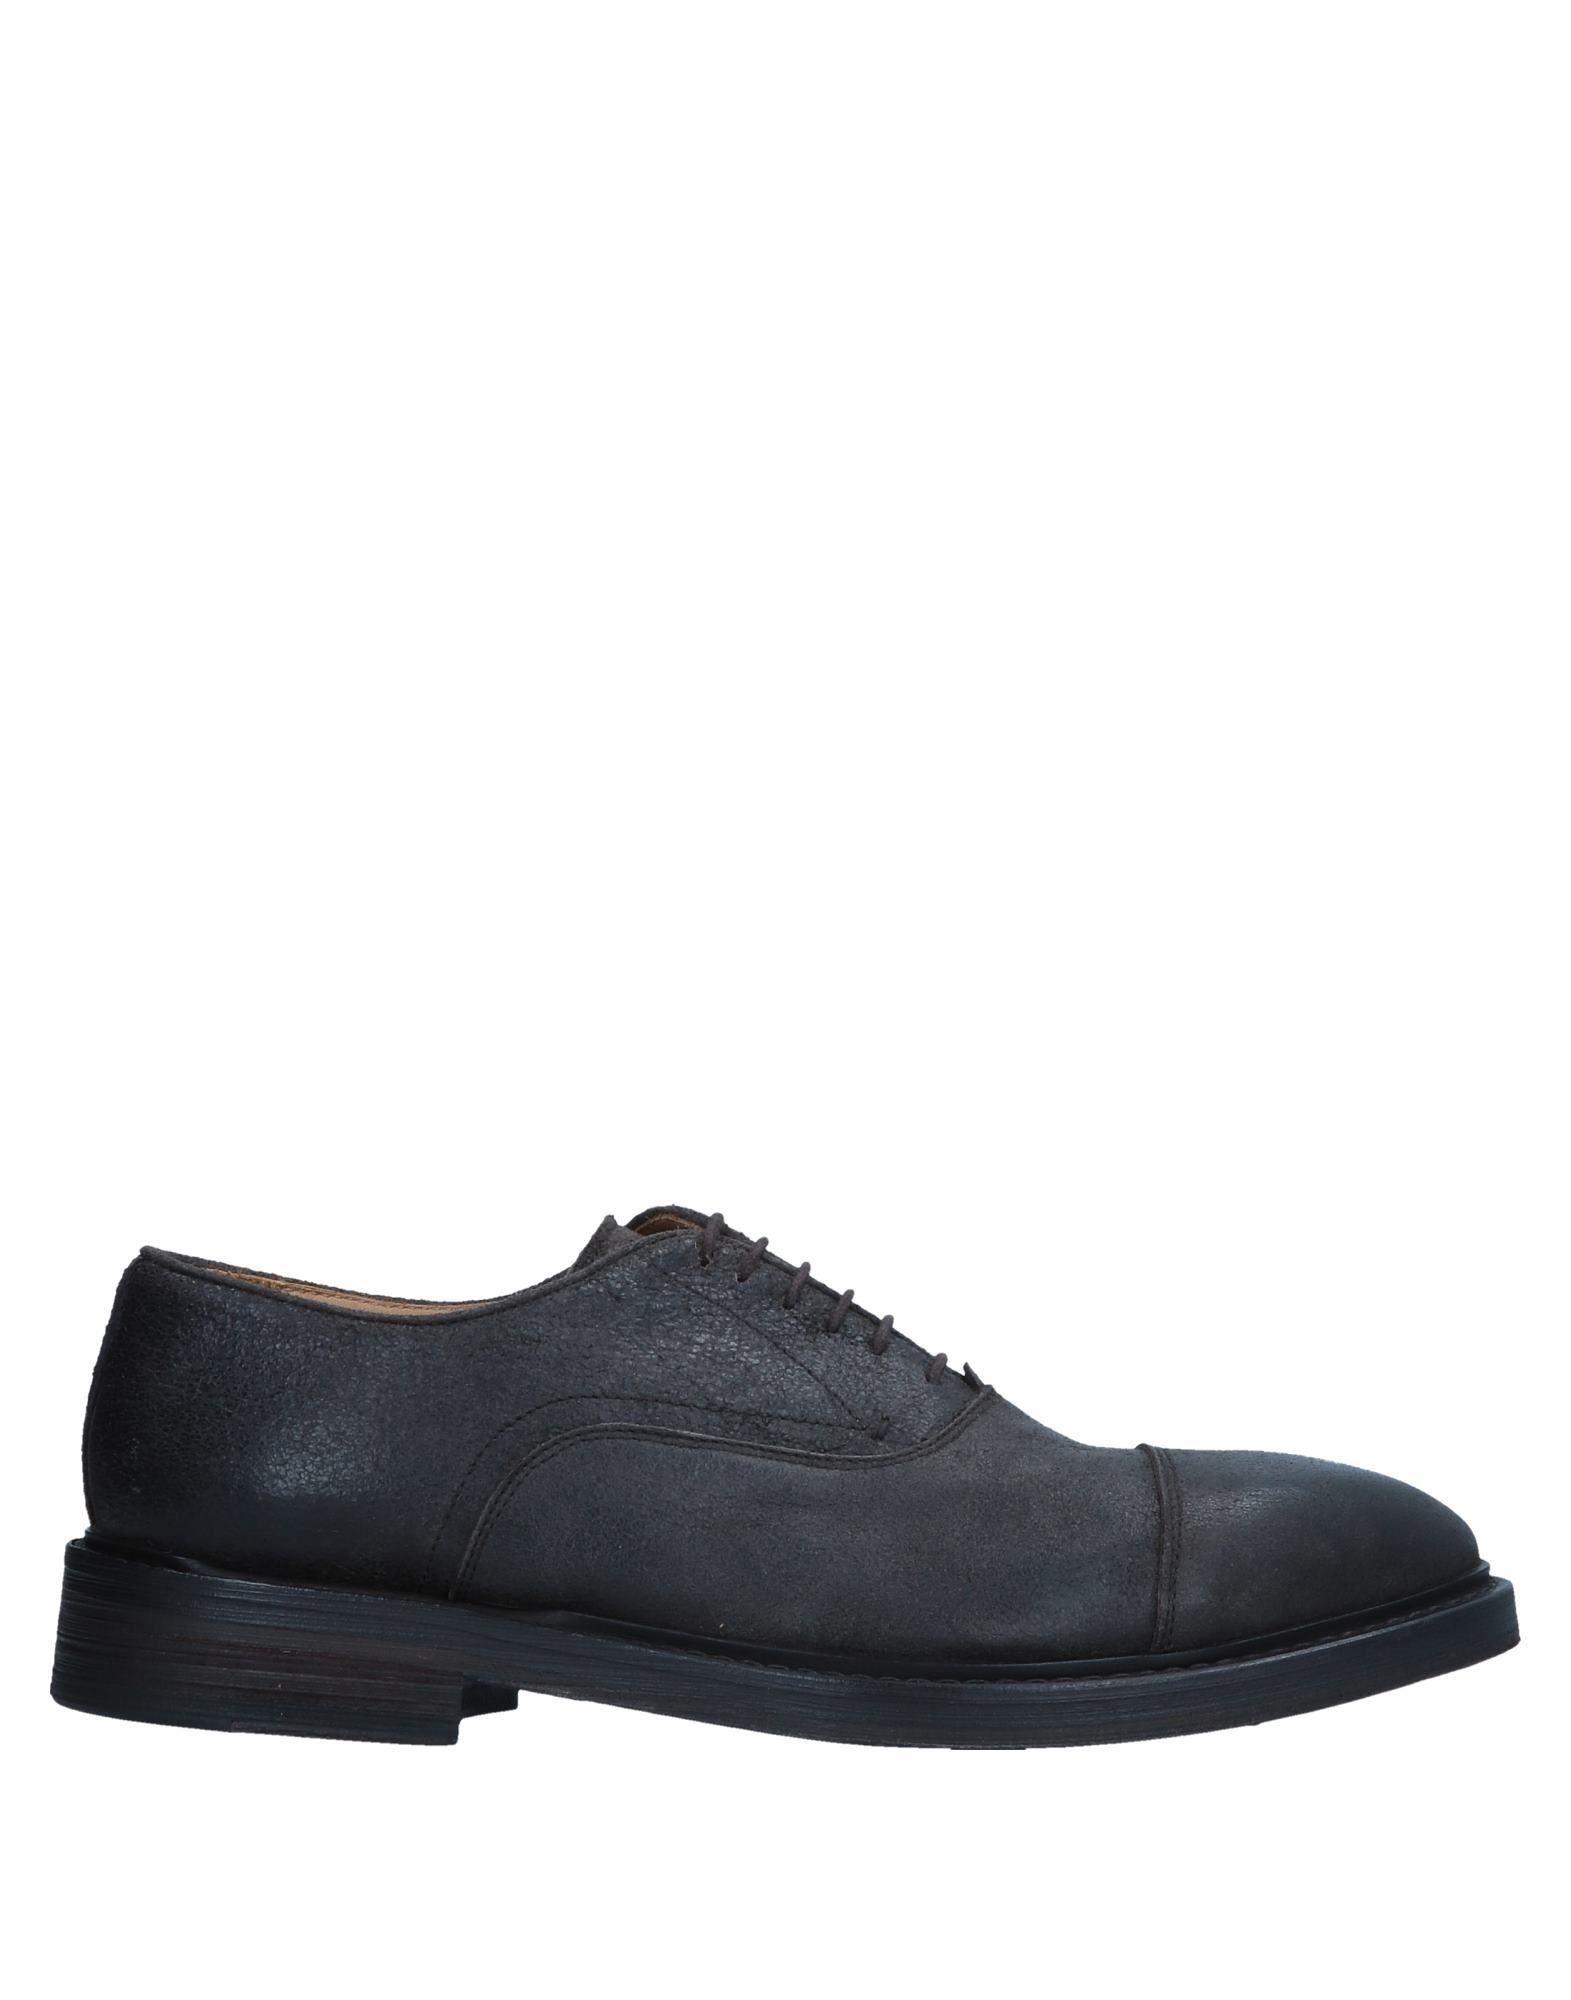 Фото - MIGLIORE Обувь на шнурках обувь на высокой платформе dkny